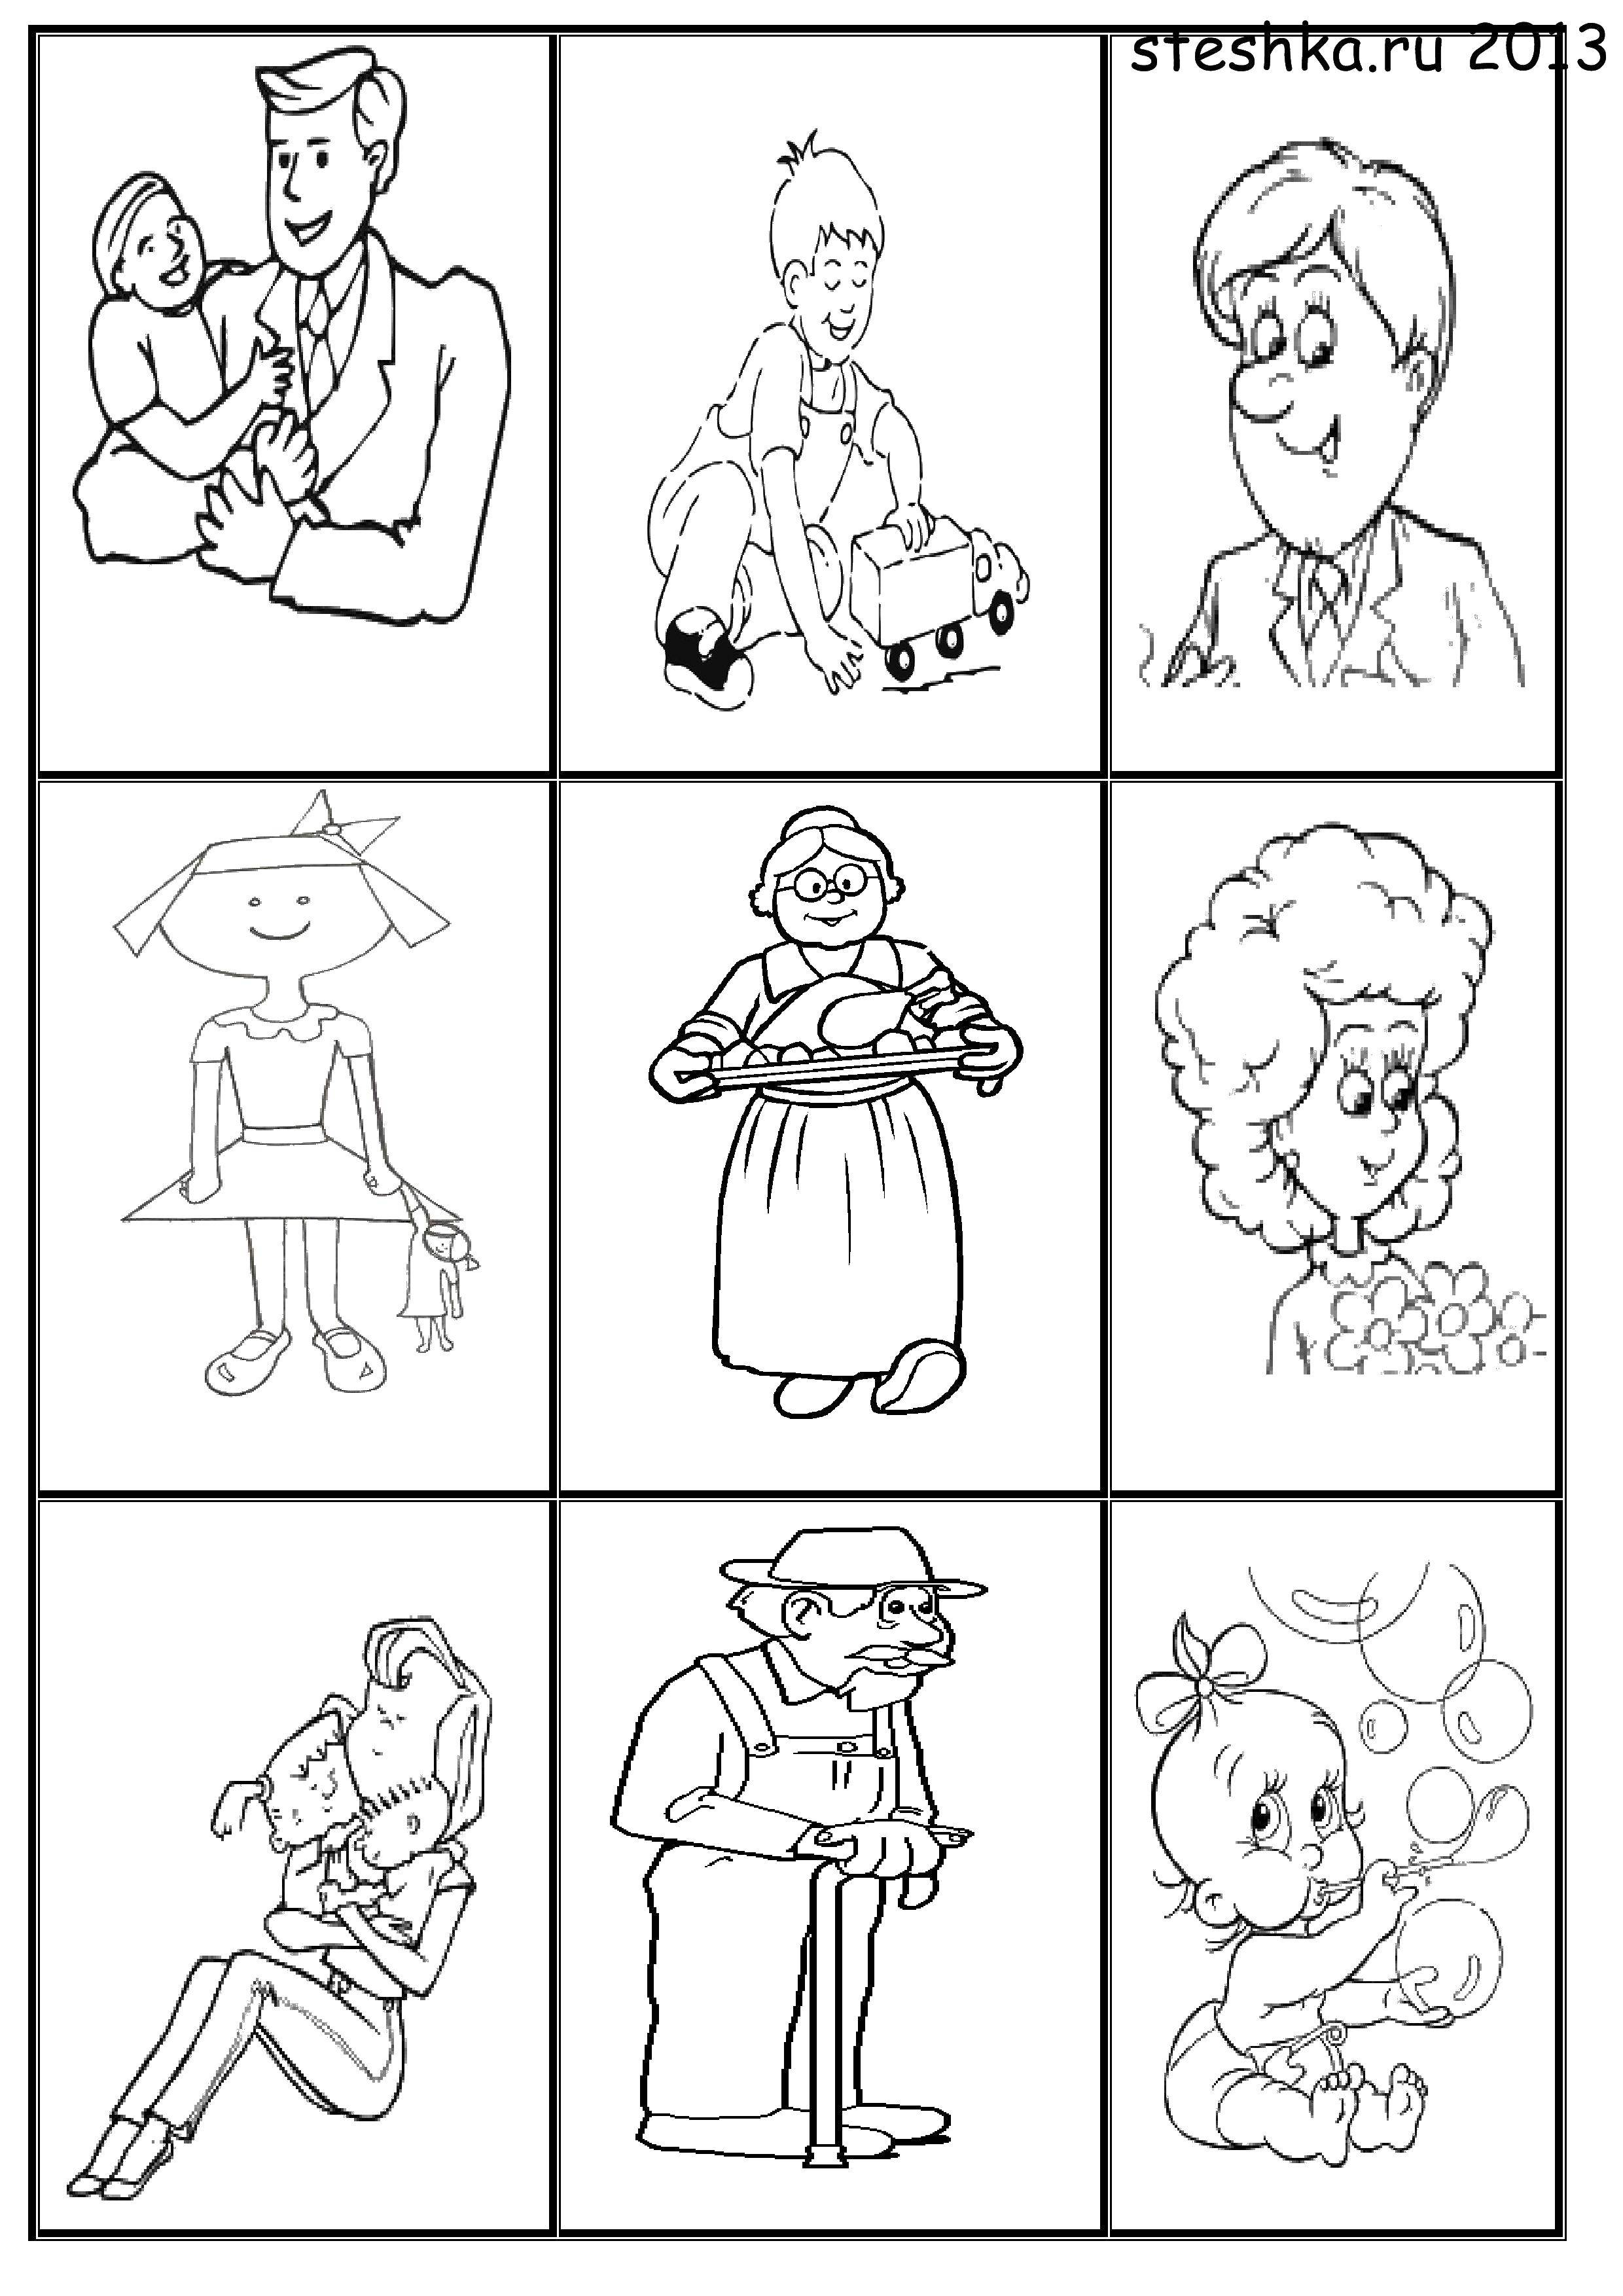 Раскраска Картинка семий Скачать родители, бабушка, дедушка.  Распечатать ,моя семья,